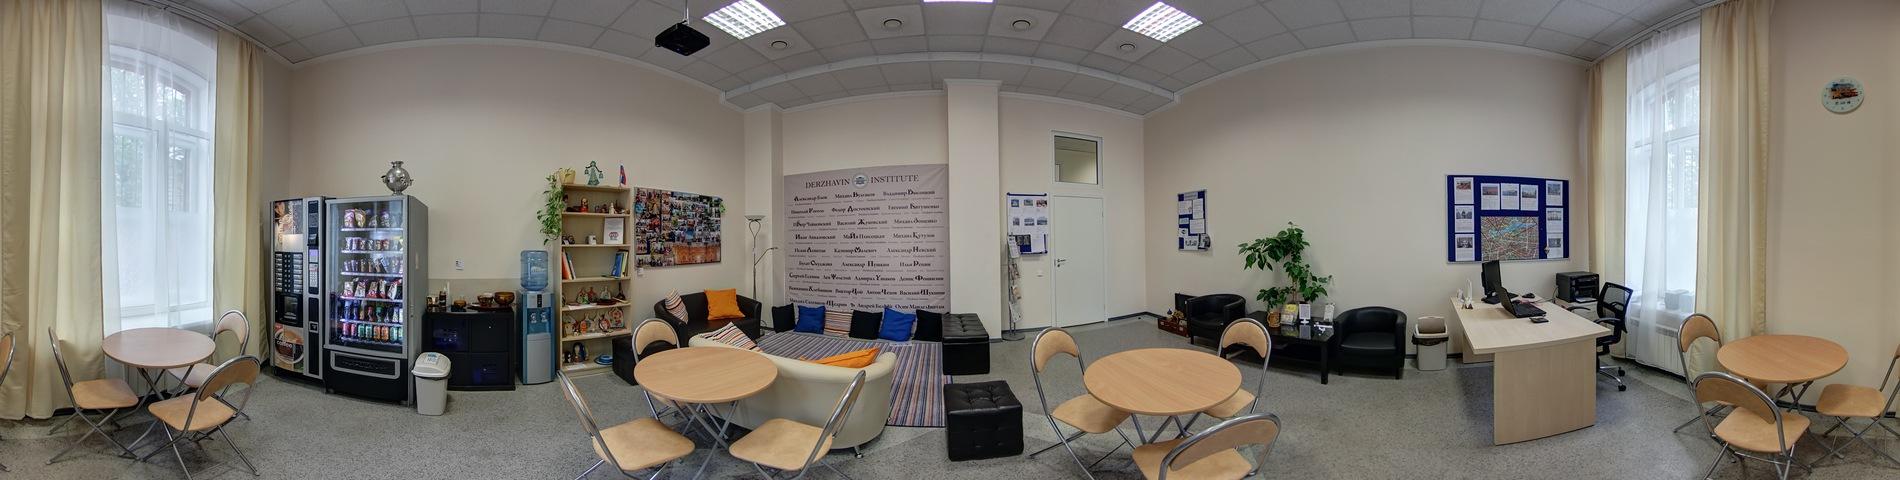 Derzhavin Institute bild 1